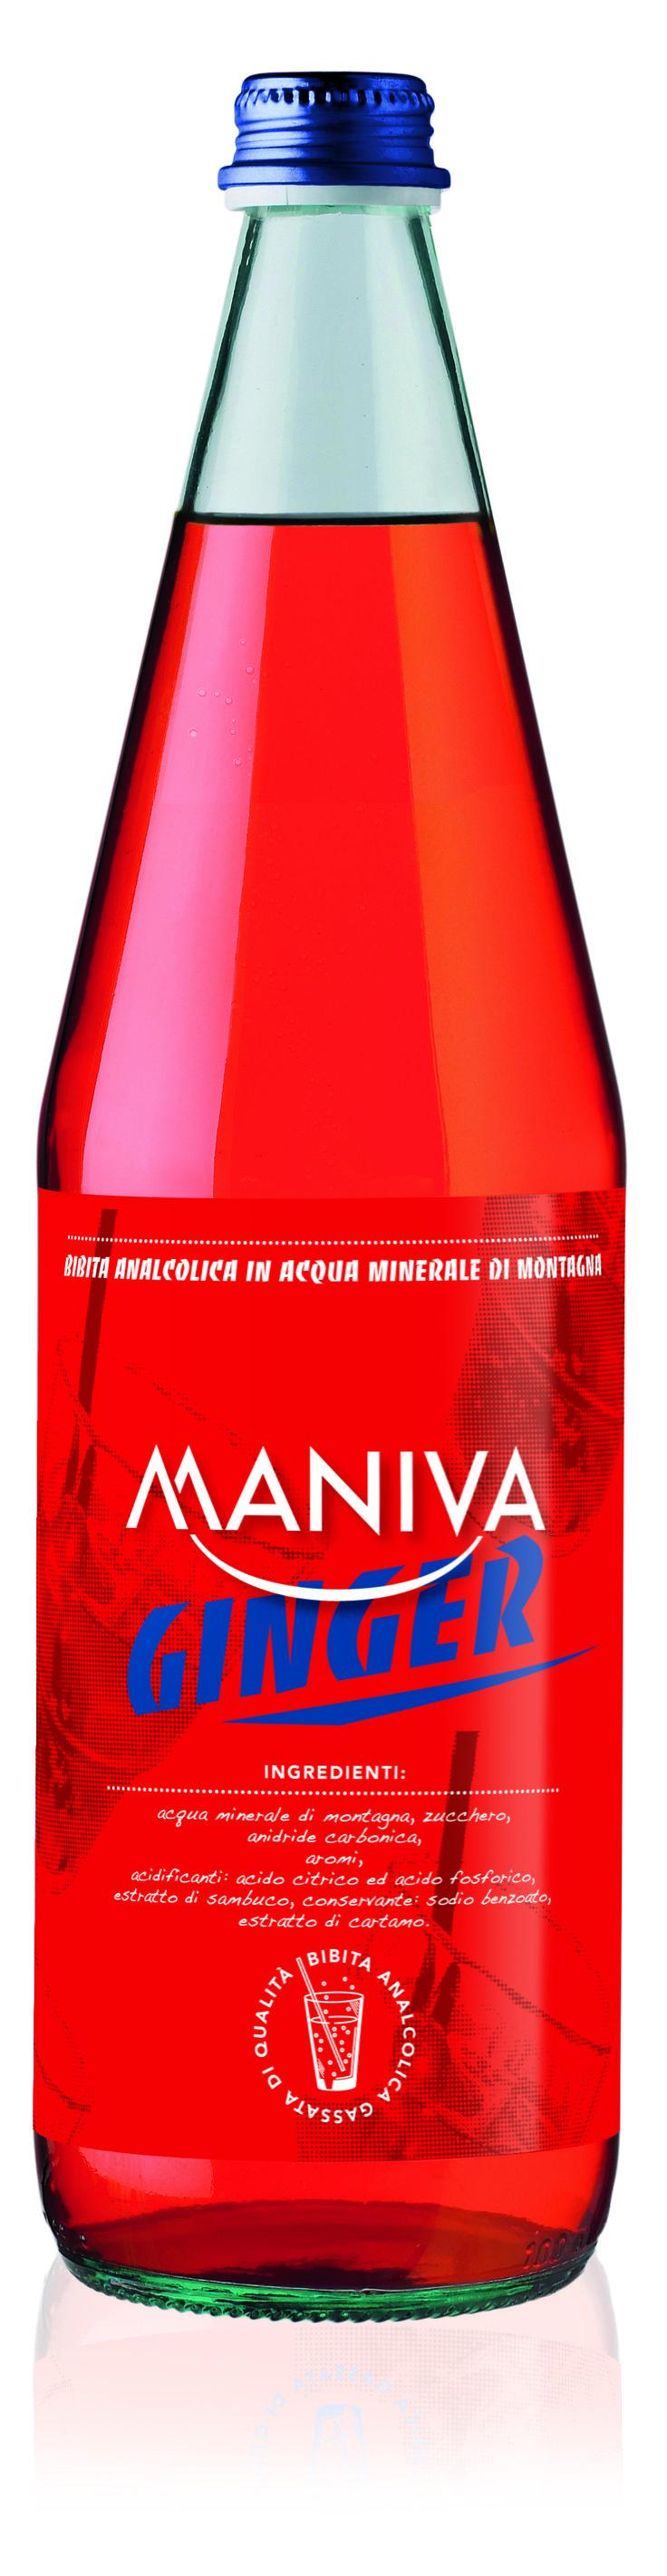 GINGER Bibita analcolica frizzante, di alta qualità garantita anche dalla leggera acqua minerale di montagna di cui è composta